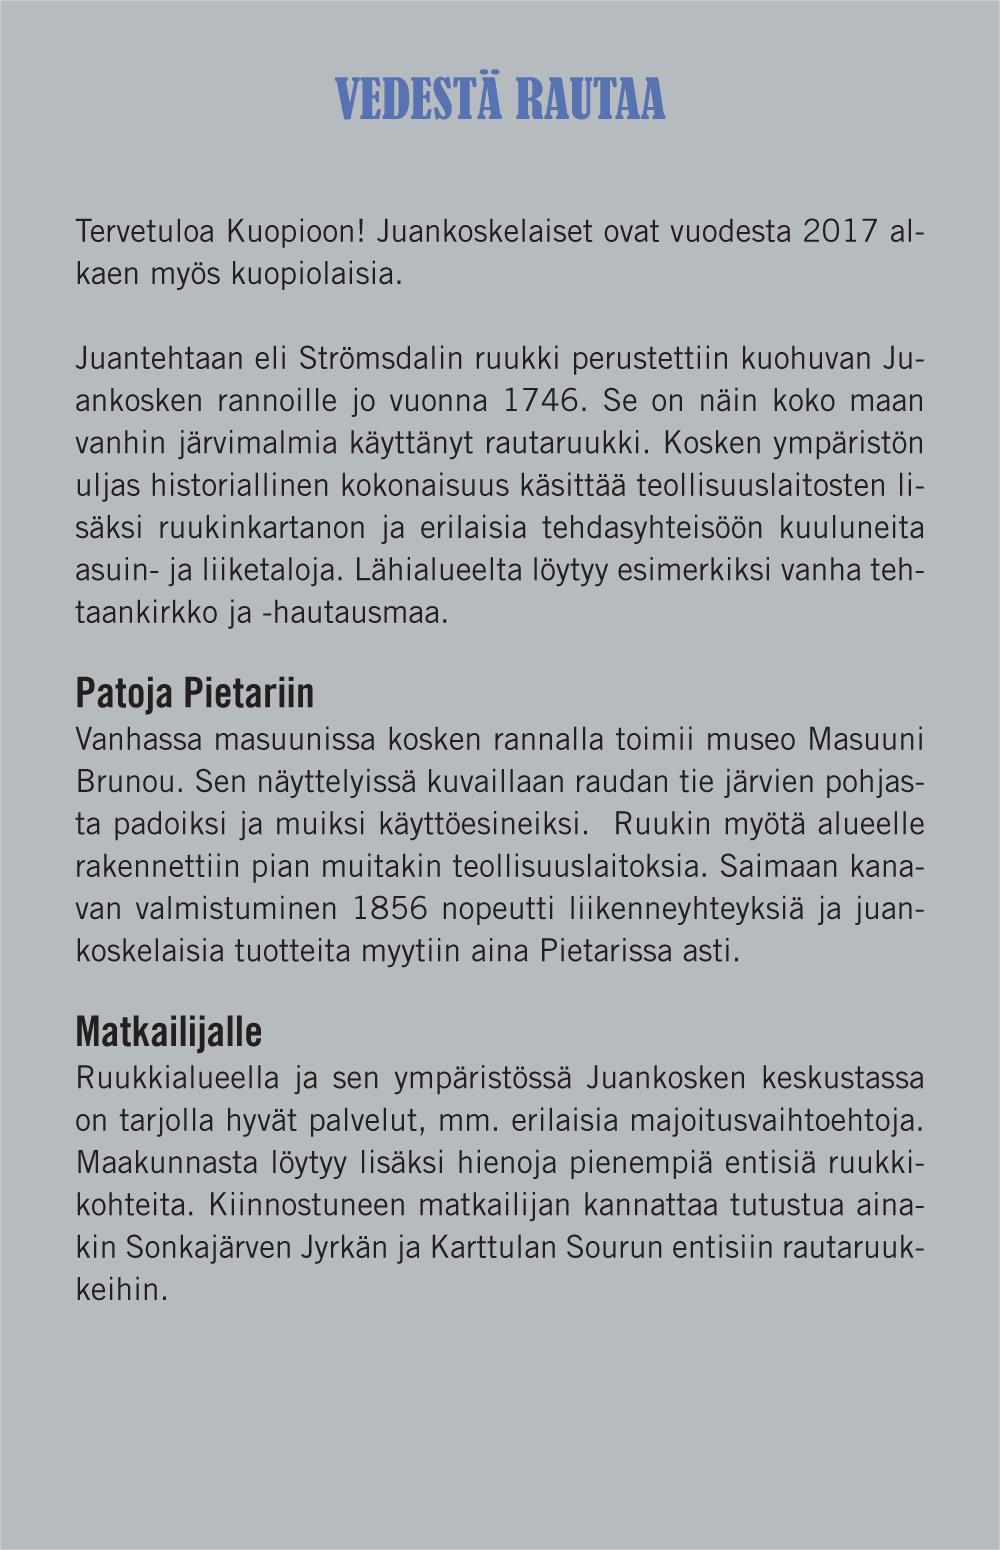 Vedestä rautaa (otsikko). Juantehtaan eli Strömsdalin ruukki perustettiin kuohuvan Juankosken rannoille jo vuonna 1746. Se on näin koko maan vanhin järvimalmia käyttänyt rautaruukki. Kosken ympäristön uljas historiallinen kokonaisuus käsittää teollisuuslaitosten lisäksi ruukinkartanon ja erilaisia tehdasyhteisöön kuuluneita asuin- ja liiketaloja. Lähialueelta löytyy esimerkiksi vanha tehtaankirkko ja -hautausmaa. Patoja Pietariin (väliotsikko). Vanhassa masuunissa kosken rannalla toimii museo Masuuni Brunou. Sen näyttelyissä kuvaillaan raudan tie järvien pohjasta padoiksi ja muiksi käyttöesineiksi. Ruukin myötä alueelle rakennettiin pian muitakin teollisuuslaitoksia. Saimaankanavan valmistuminen 1856 nopeutti liikenneyhteyksiä ja juankoskelaisia tuotteita myytiin aina Pietarissa asti. Matkailijalle (väliotsikko): Ruukkialueella ja Juankosken keskustassa on tarjolla hyvät palvelut, mm. erilaisia majoitusvaihtoehtoja. Maakunnasta löytyy lisäksi hienoja pienempiä entisiä ruukkikohteita. Kiinnostuneen matkailijan kannattaa tutustua ainakin Sonkajärven Jyrkän ja Karttulan Sourun entisiin rautaruukkeihin.